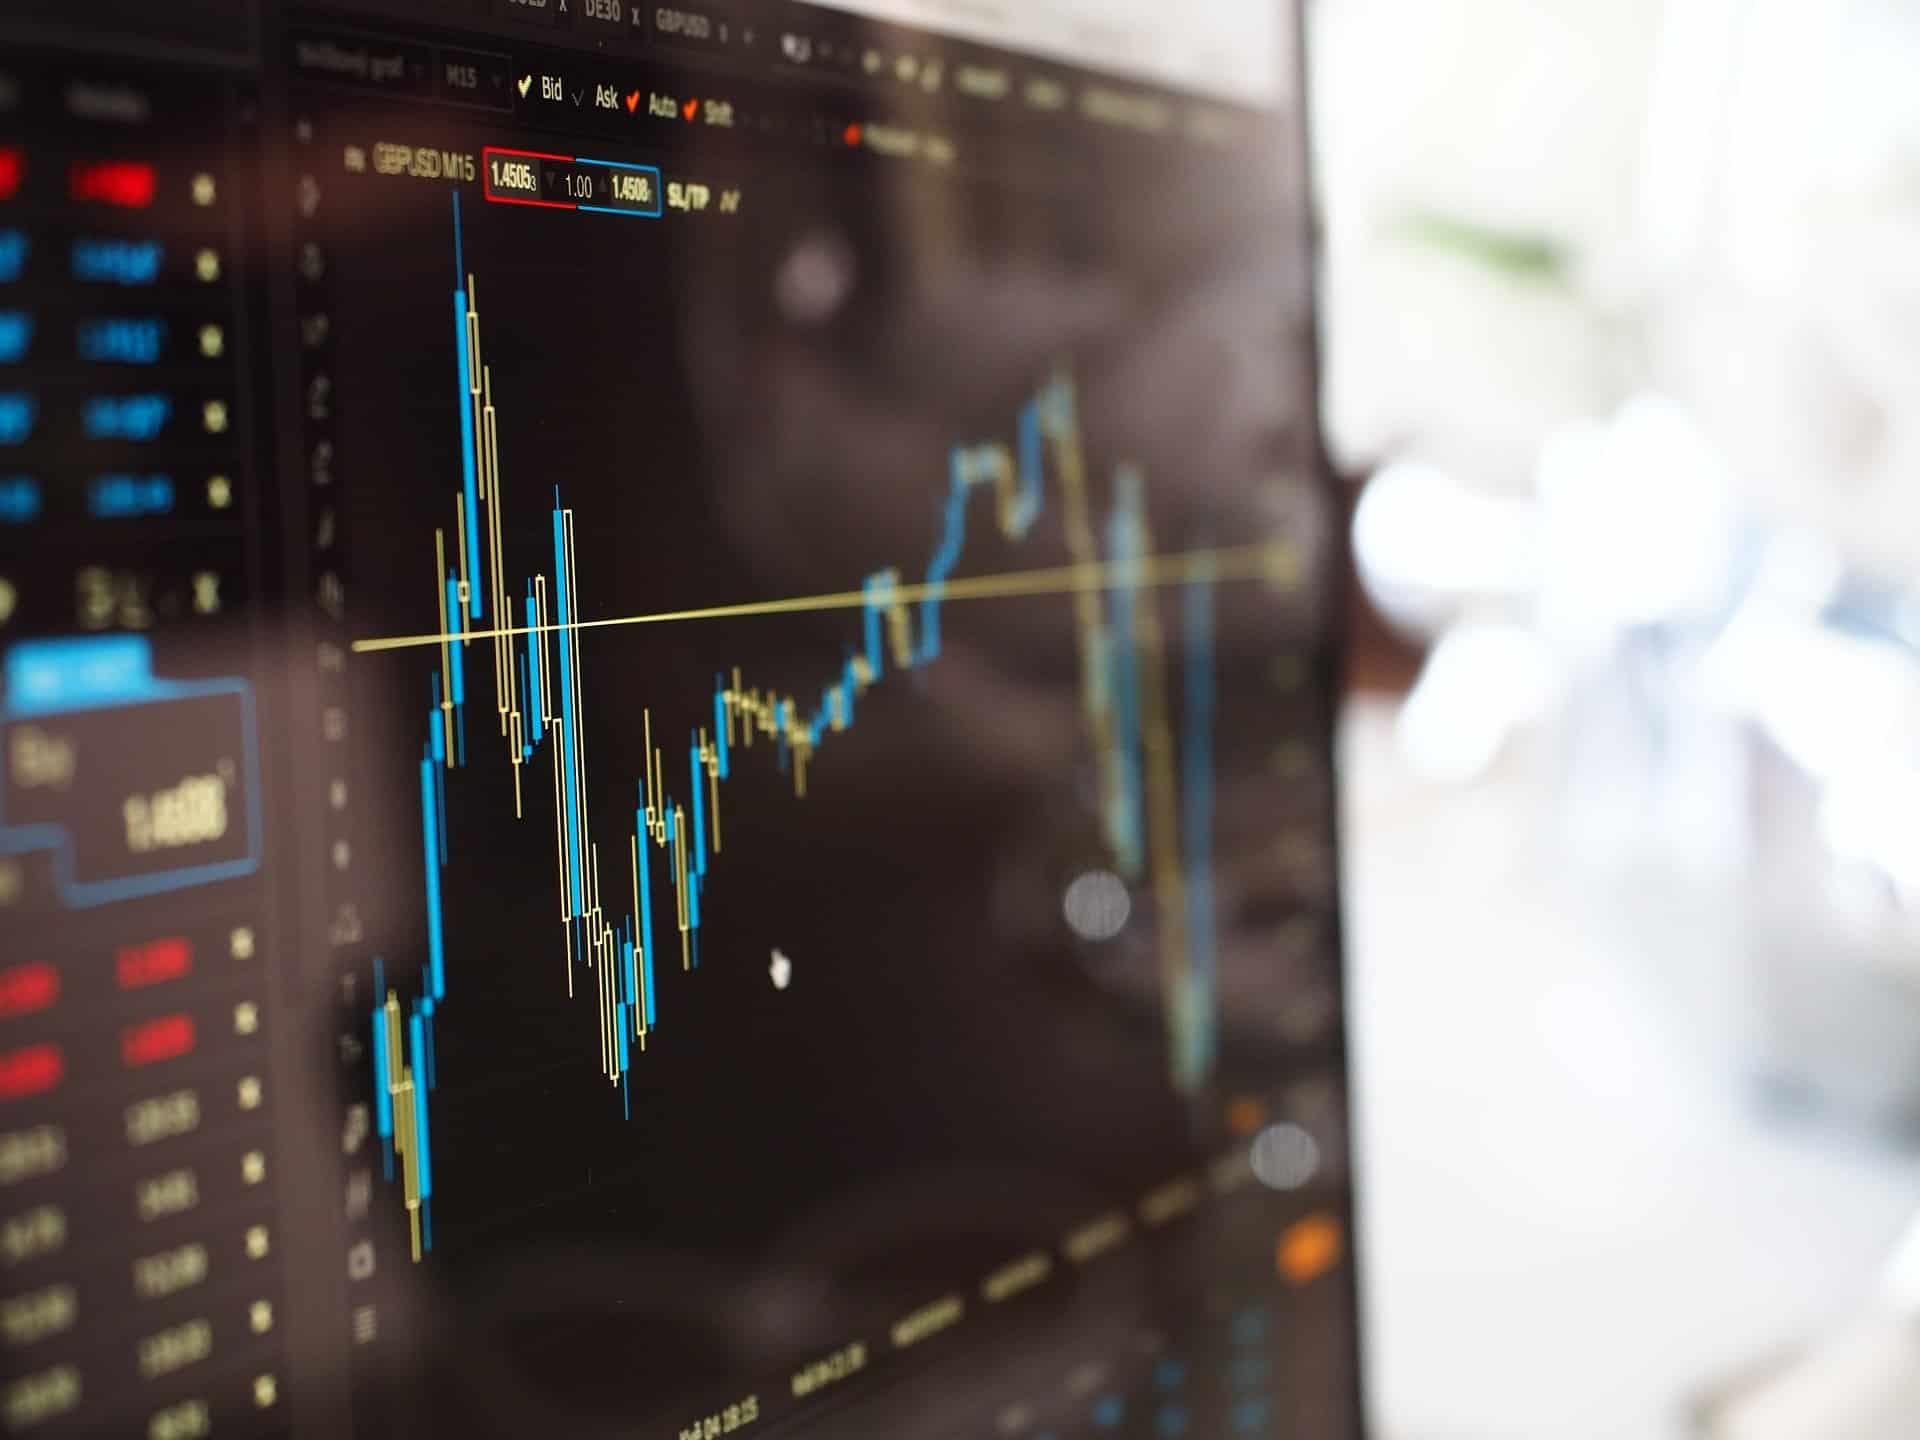 kereskedés a trendstratégiával szemben